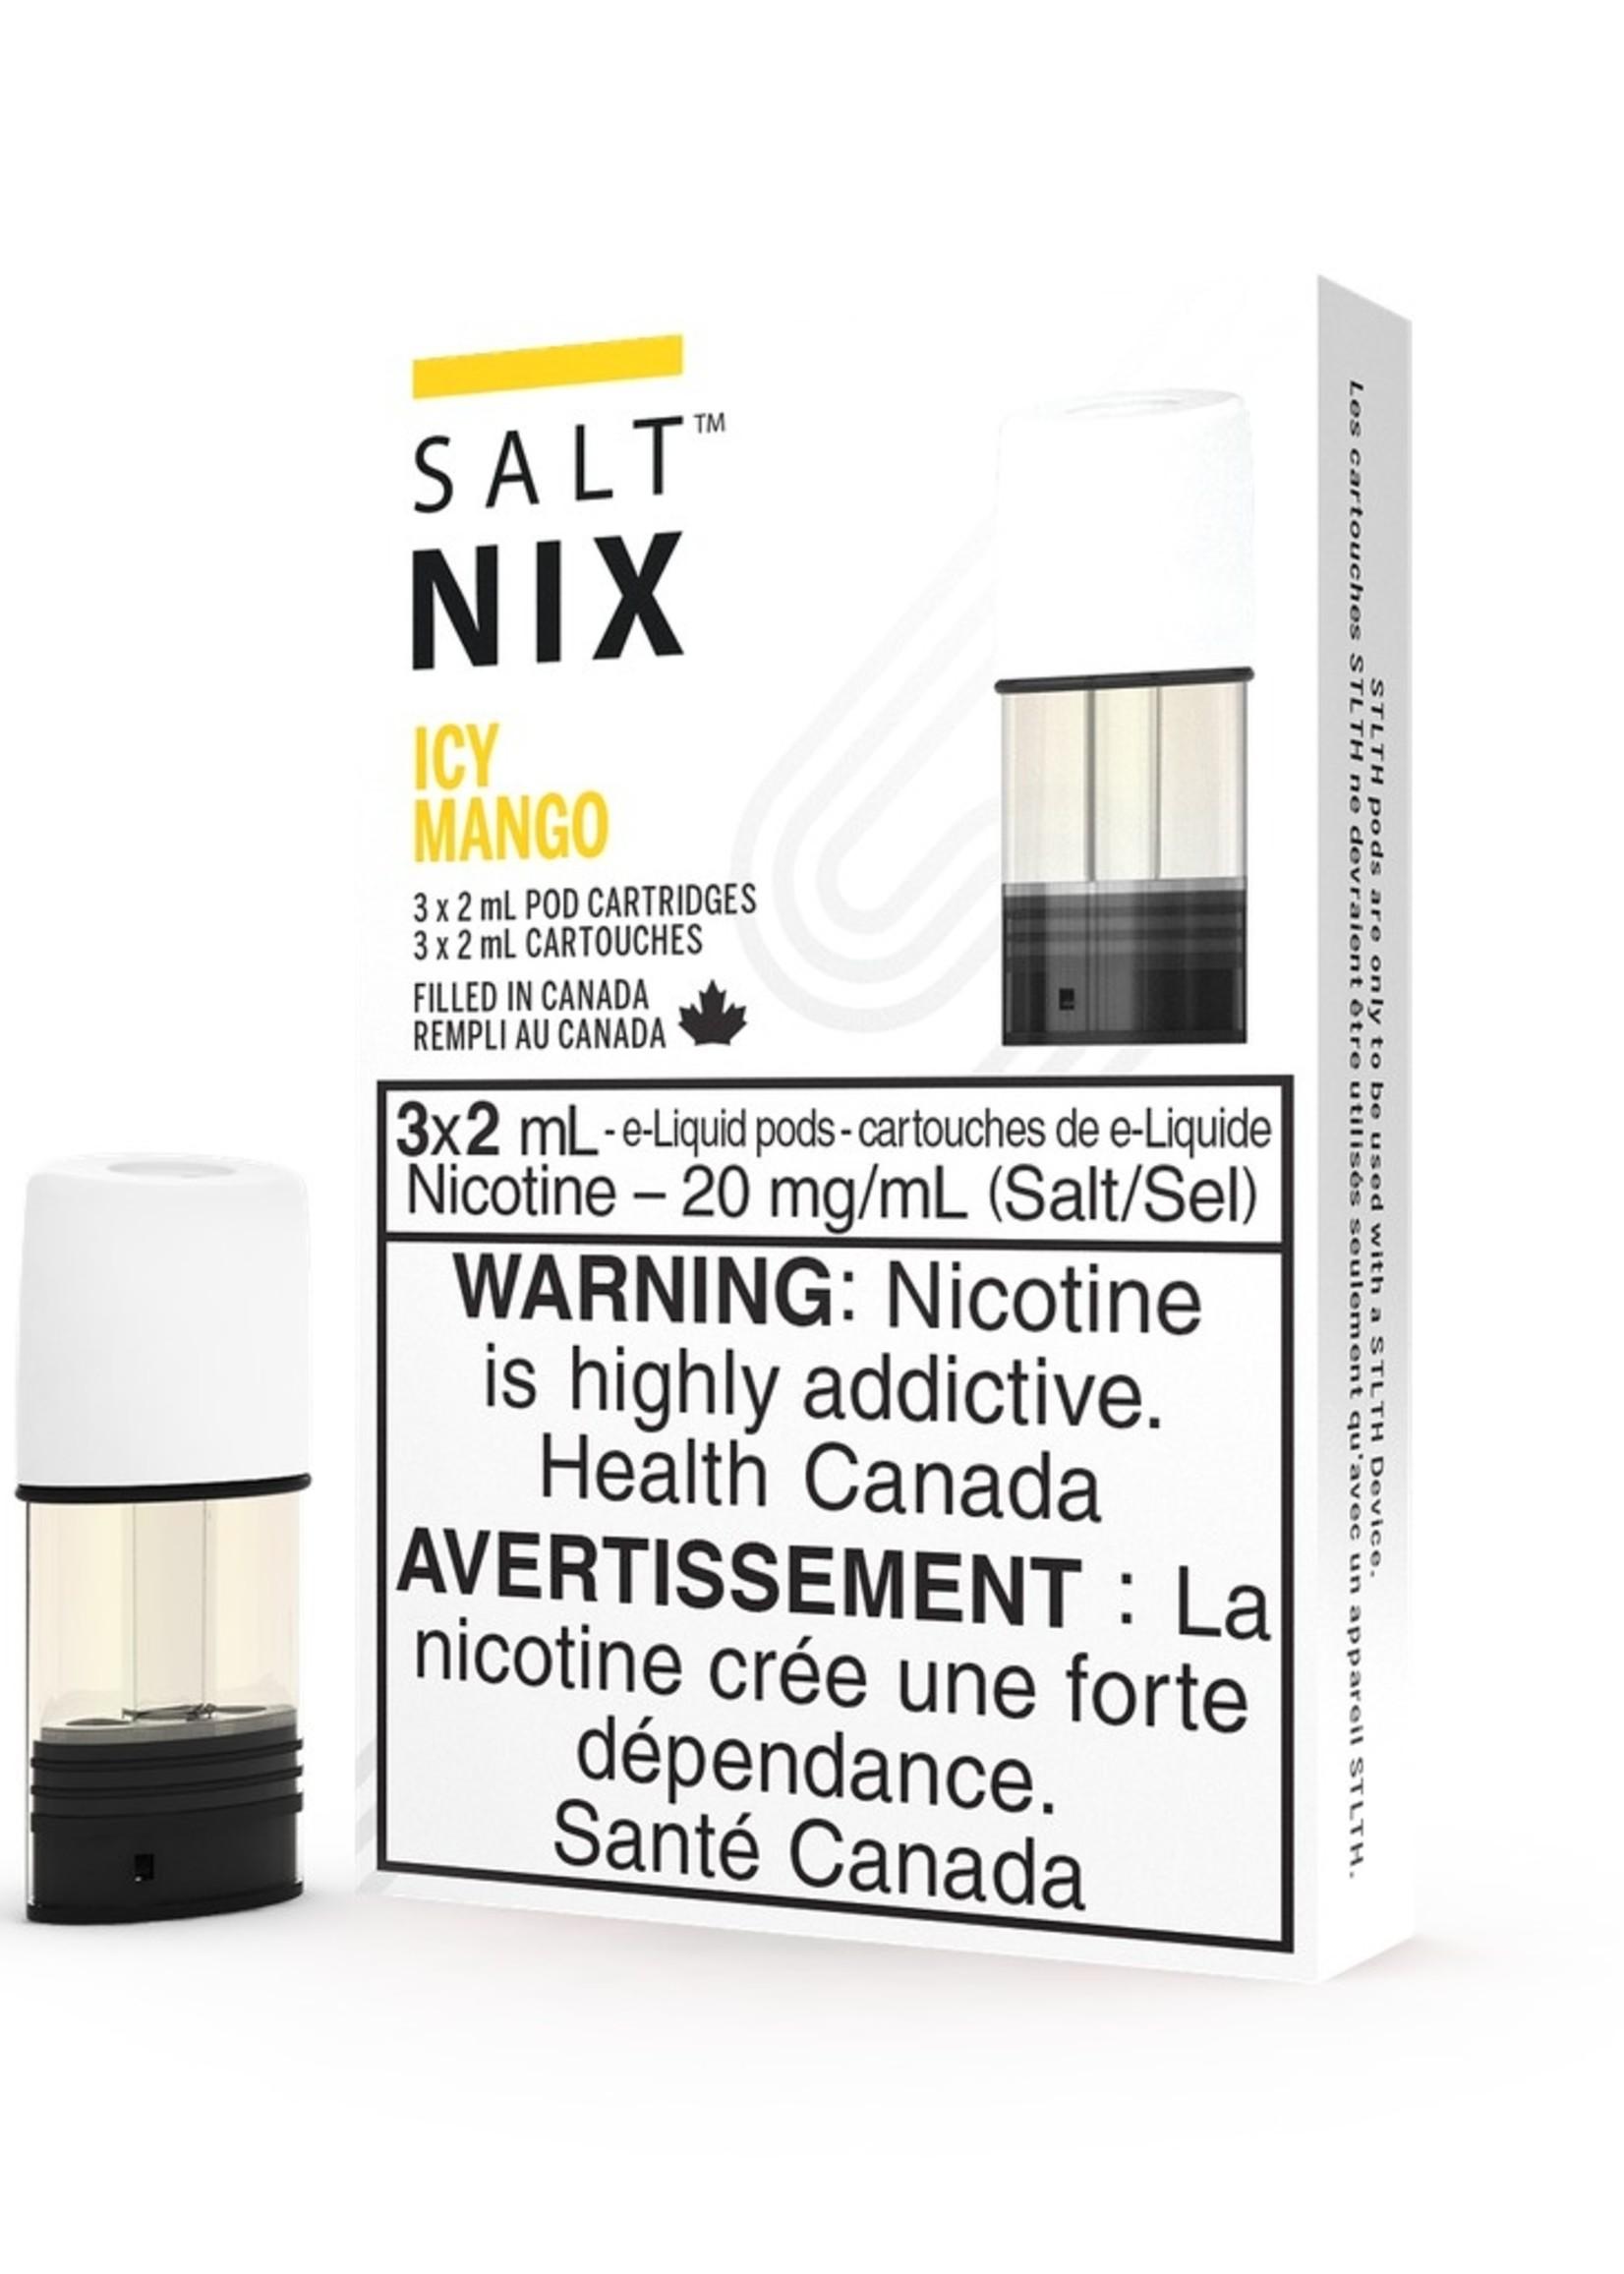 STLTH STLTH- Salt Nix - Icy Mango 20mg